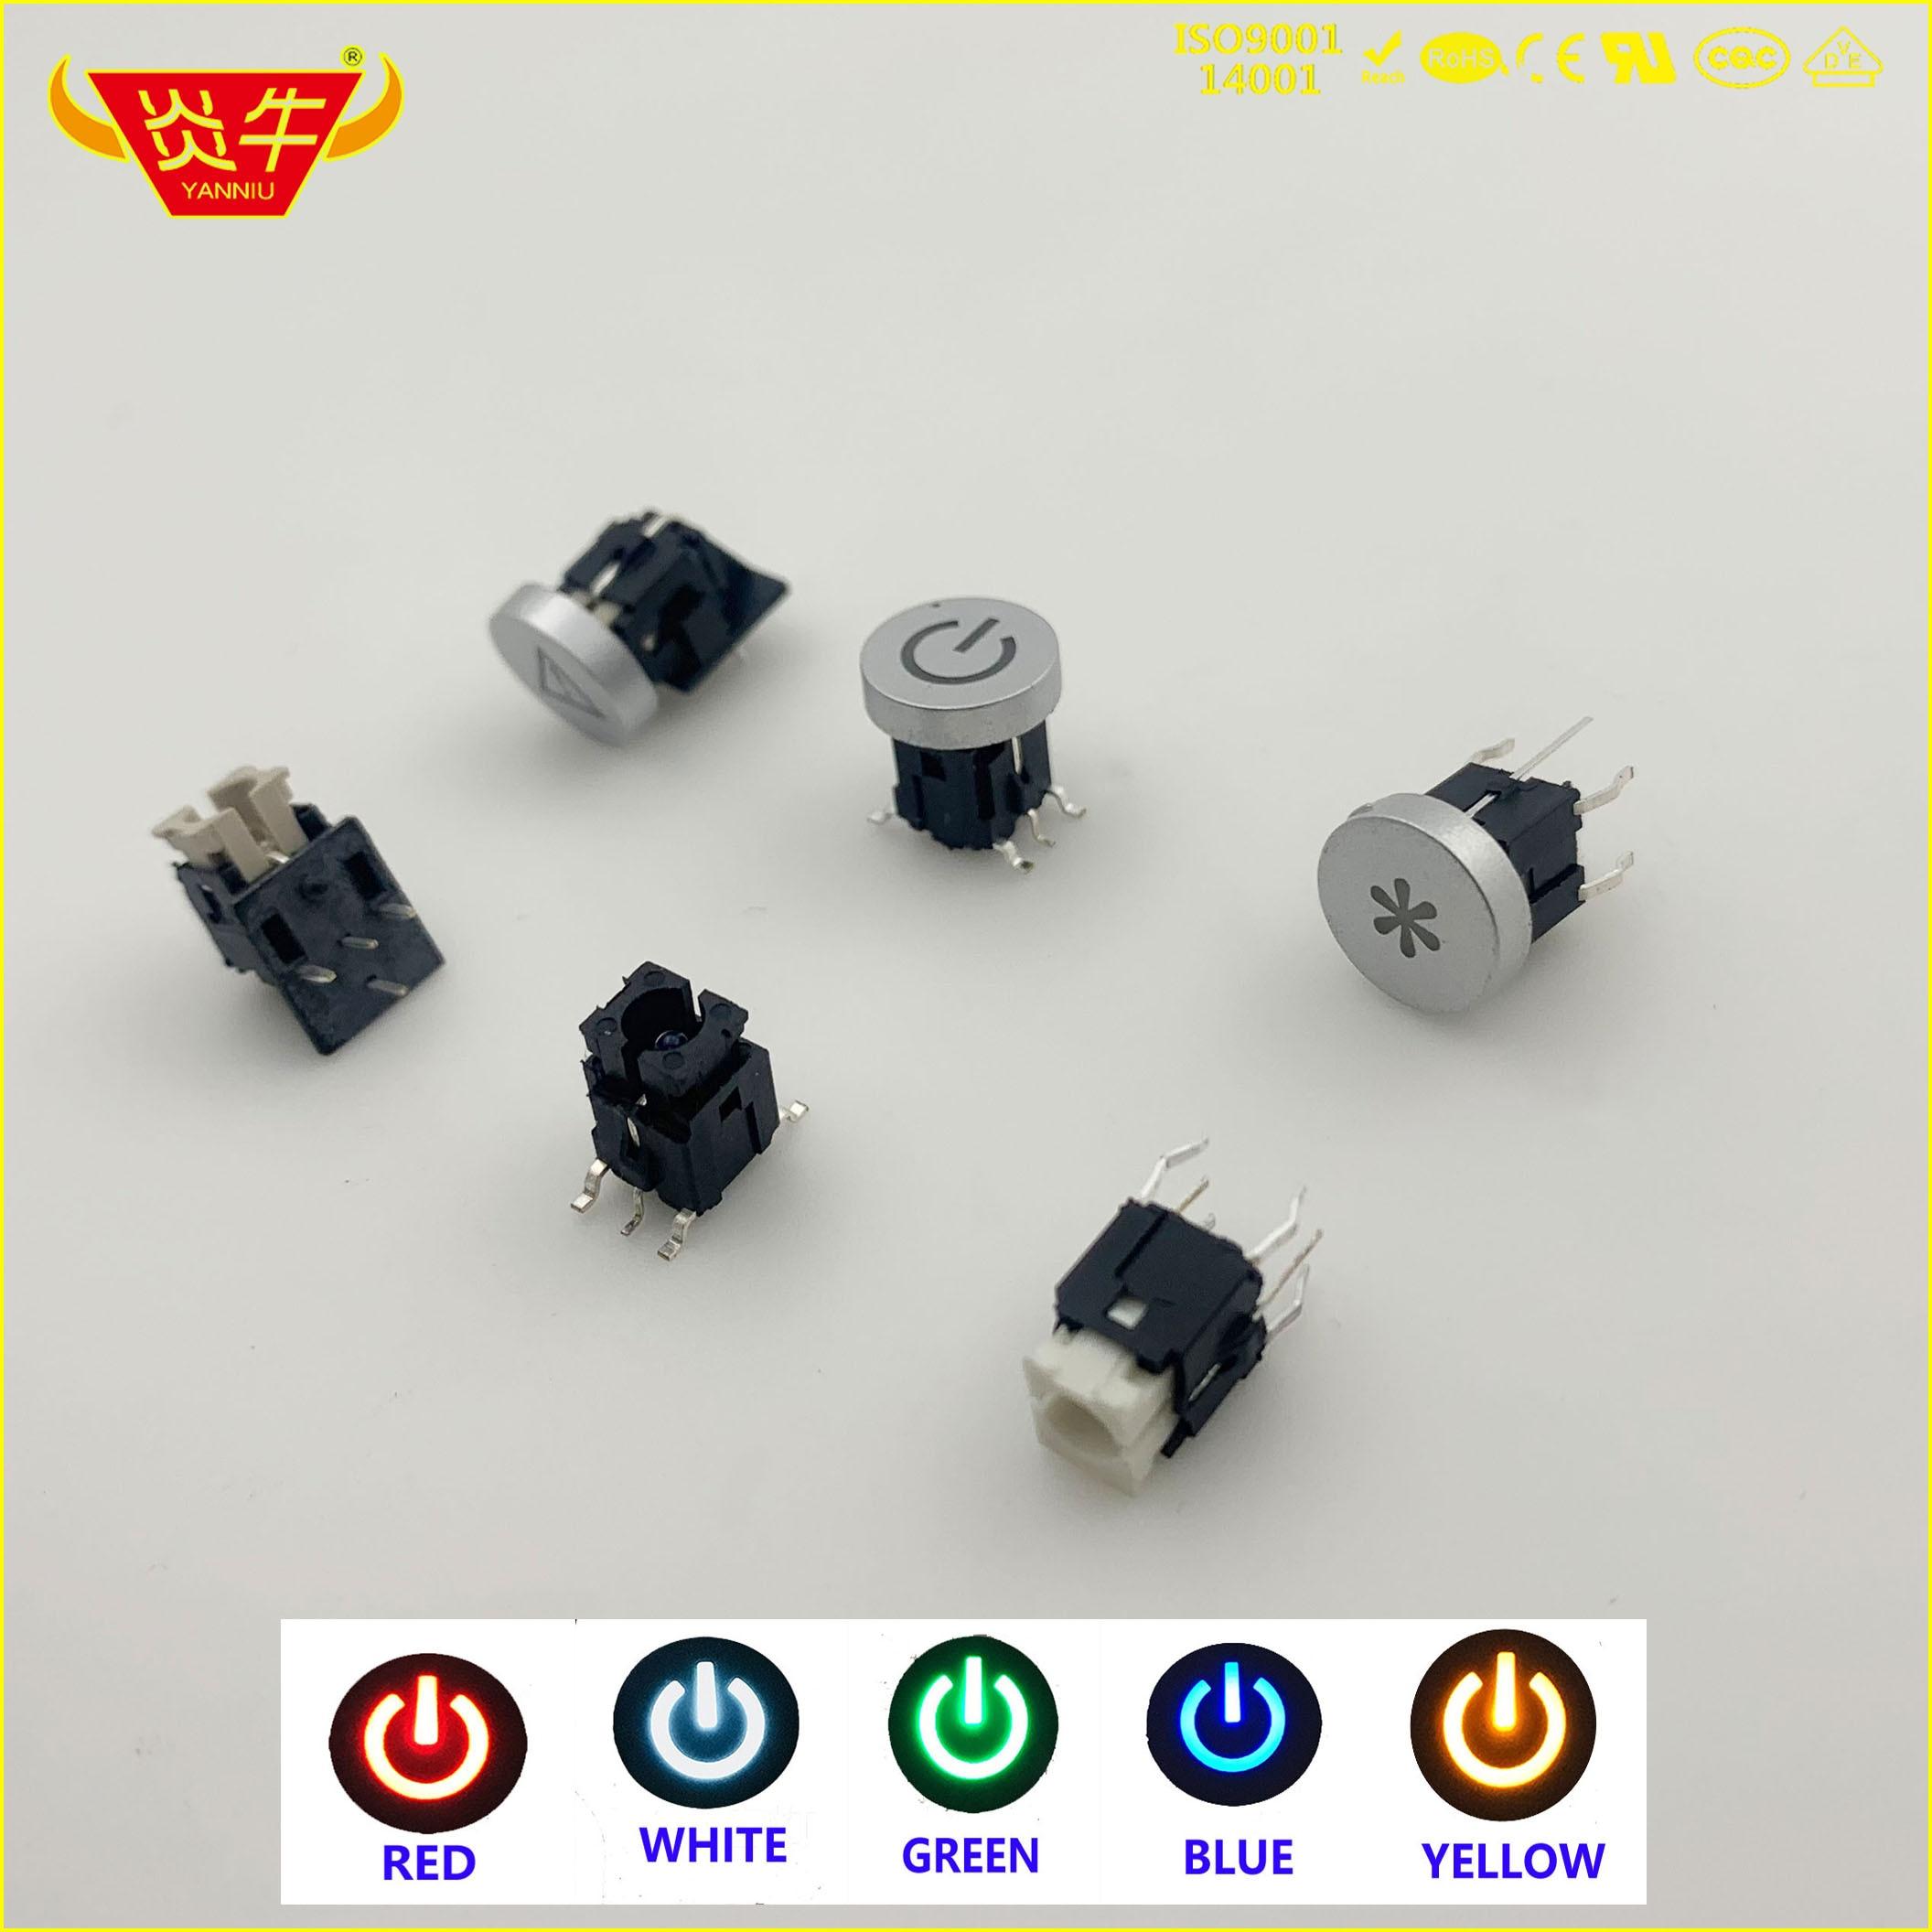 50 Uds 6*6 6x6 SMD 6 pin interruptor tacto de empuje con led Botón MICRO interruptor Lockless autorrecuperación reinicio blanco rojo azul verde amarillo